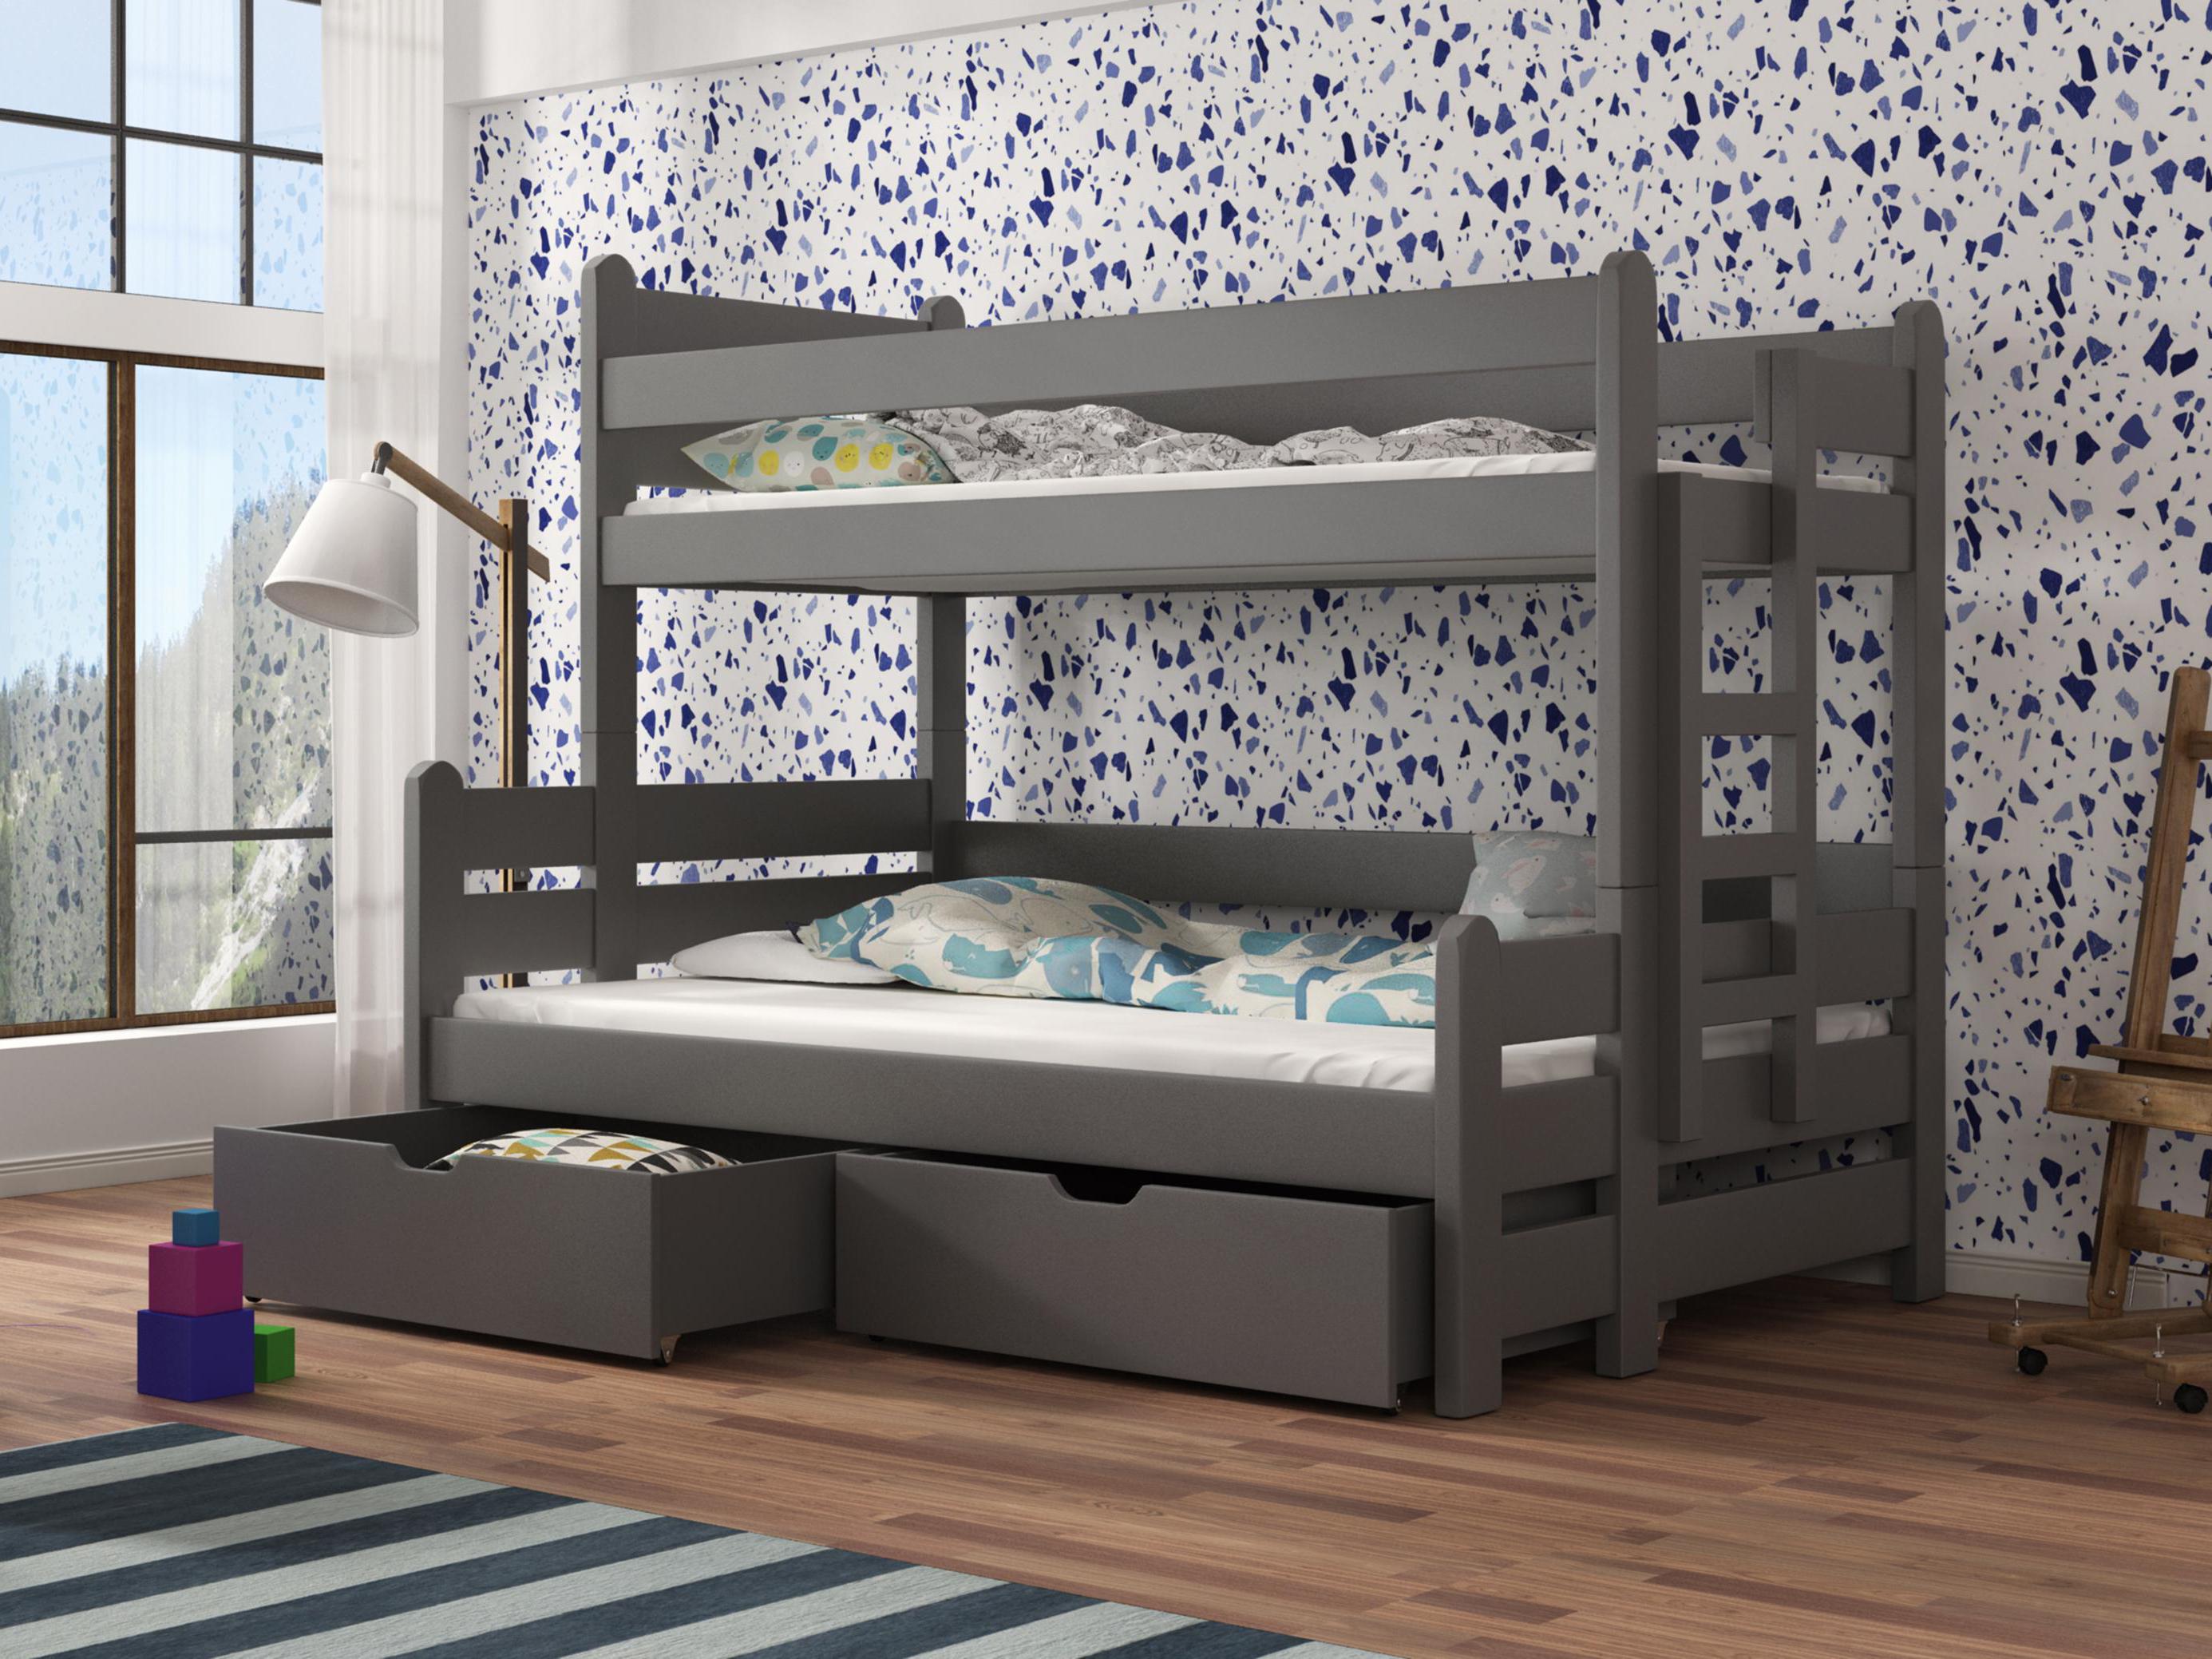 Dětská patrová postel 90 cm - Bivi (grafit)